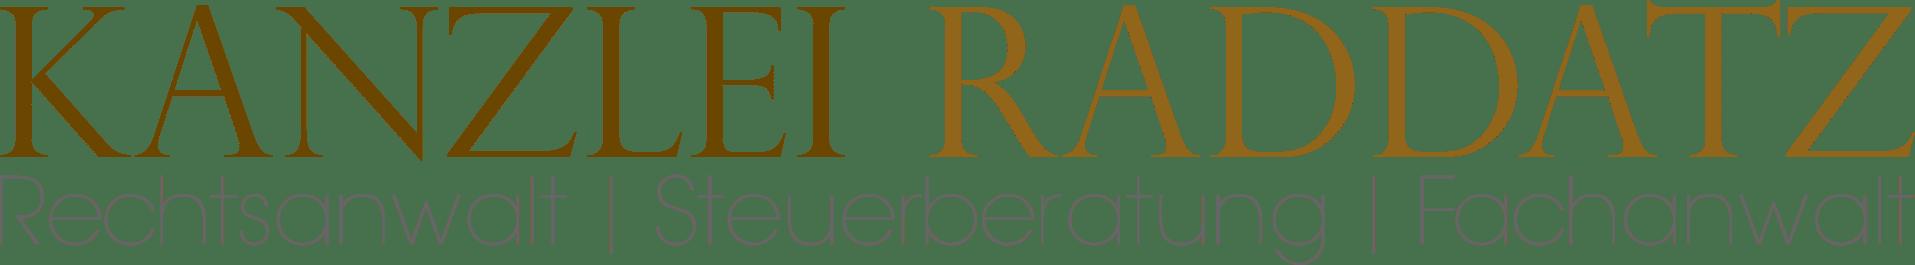 Logo 18.07.2016 300dpi - Rechstanwalt | Steuerberater | Fachanwalt Hattingen: Anwalts- und Steuerkanzlei Raddatz